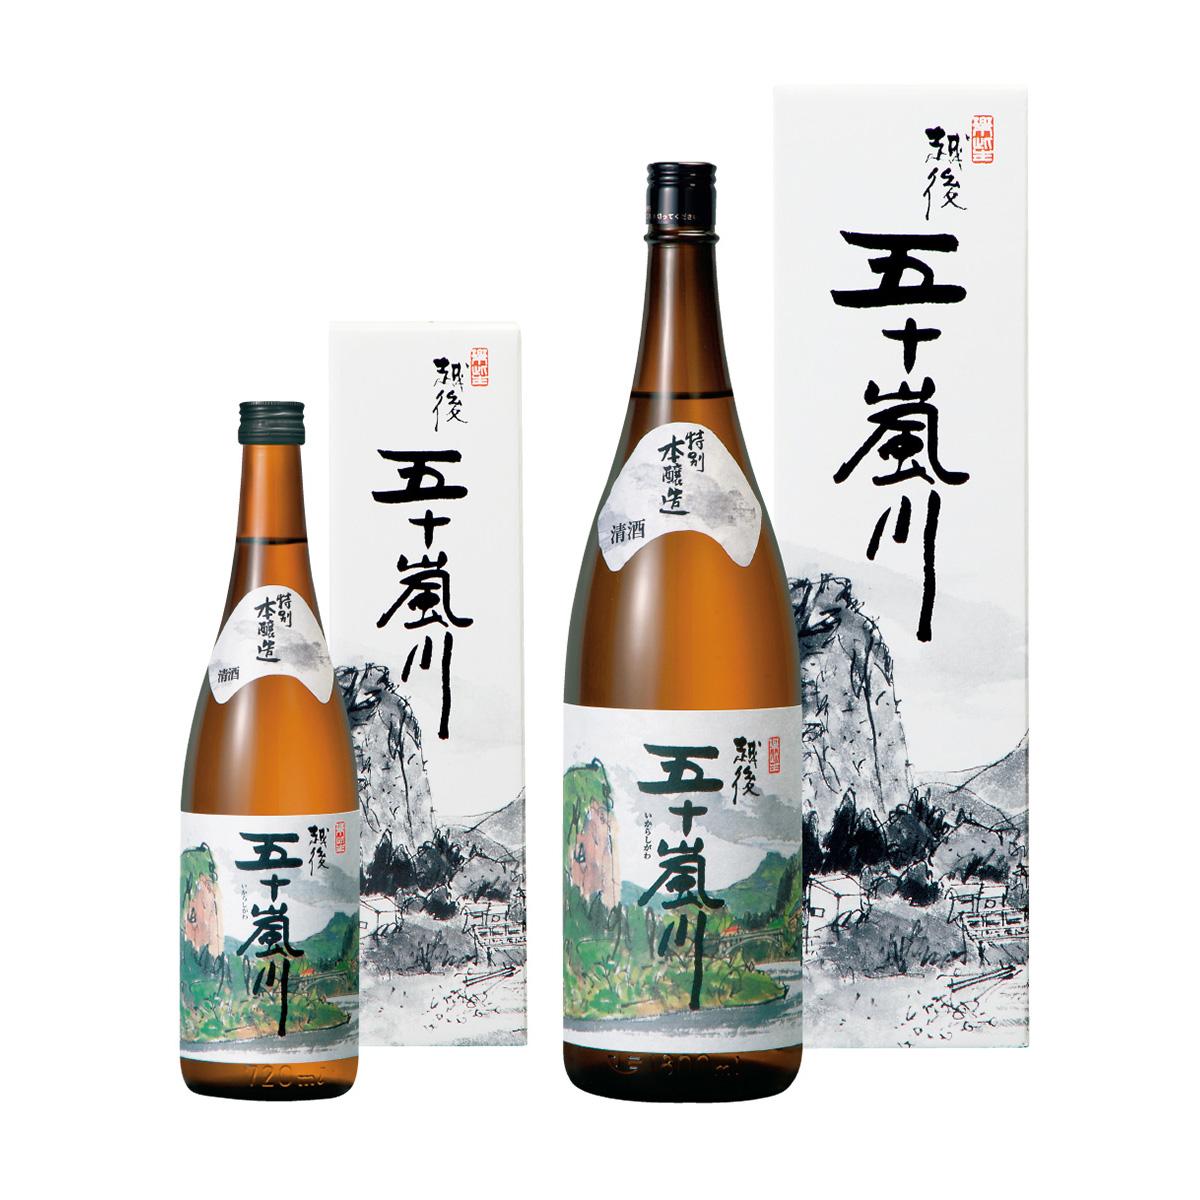 特別本醸造酒 越後五十嵐川